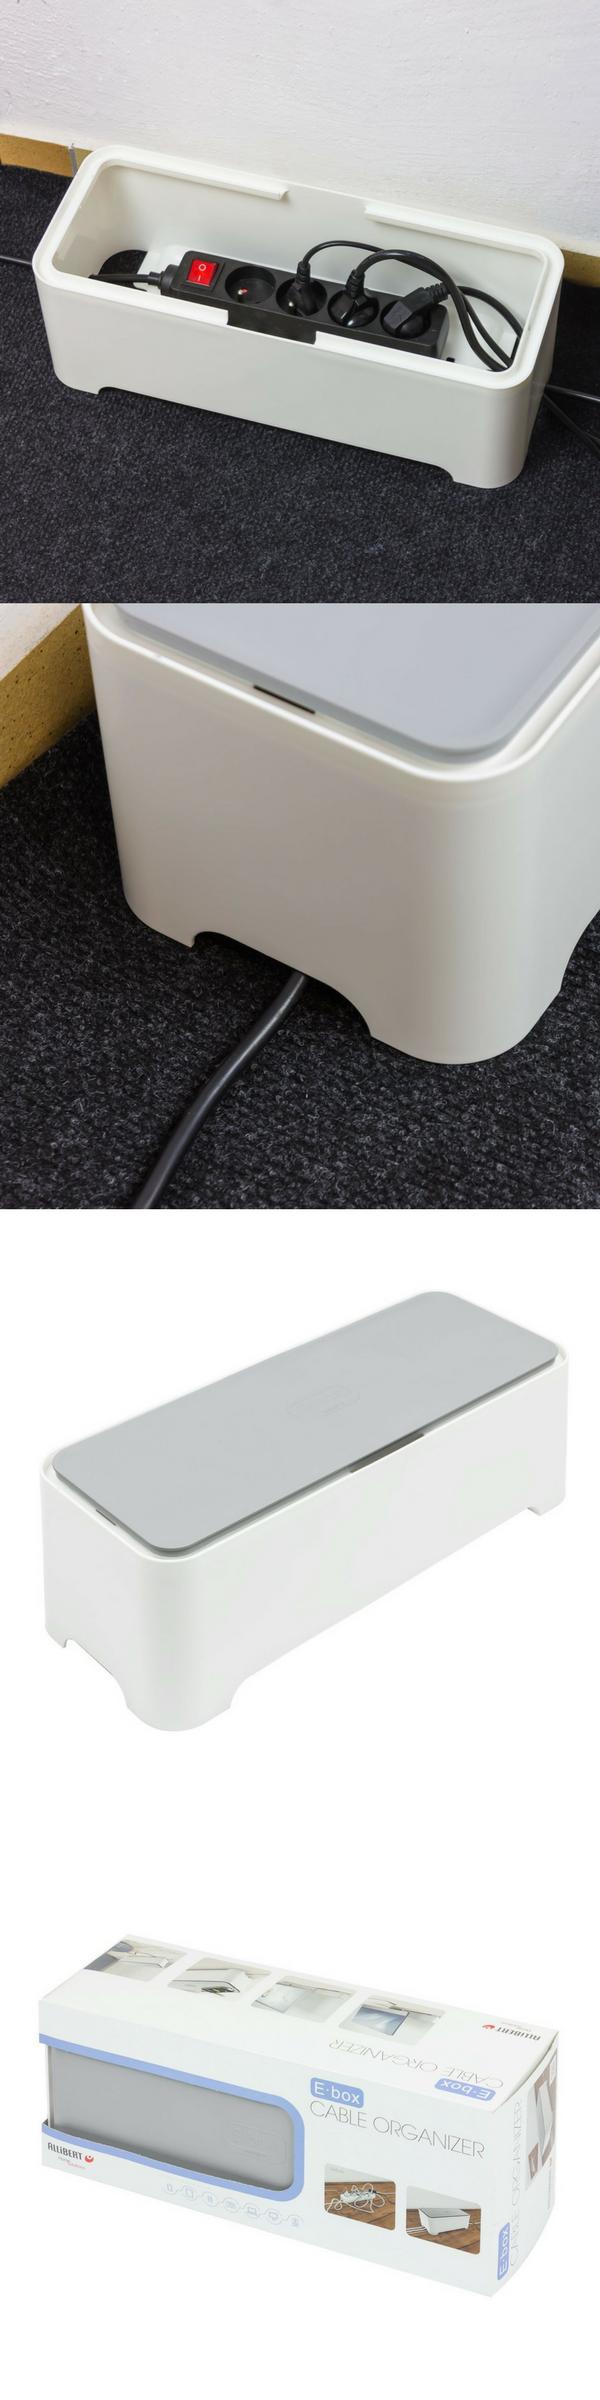 Une Boite Pour Cacher Les Cables Et Dissimuler Les Fils Electriques Design De Salle De Bain Design De Salle A Manger Fil Electrique